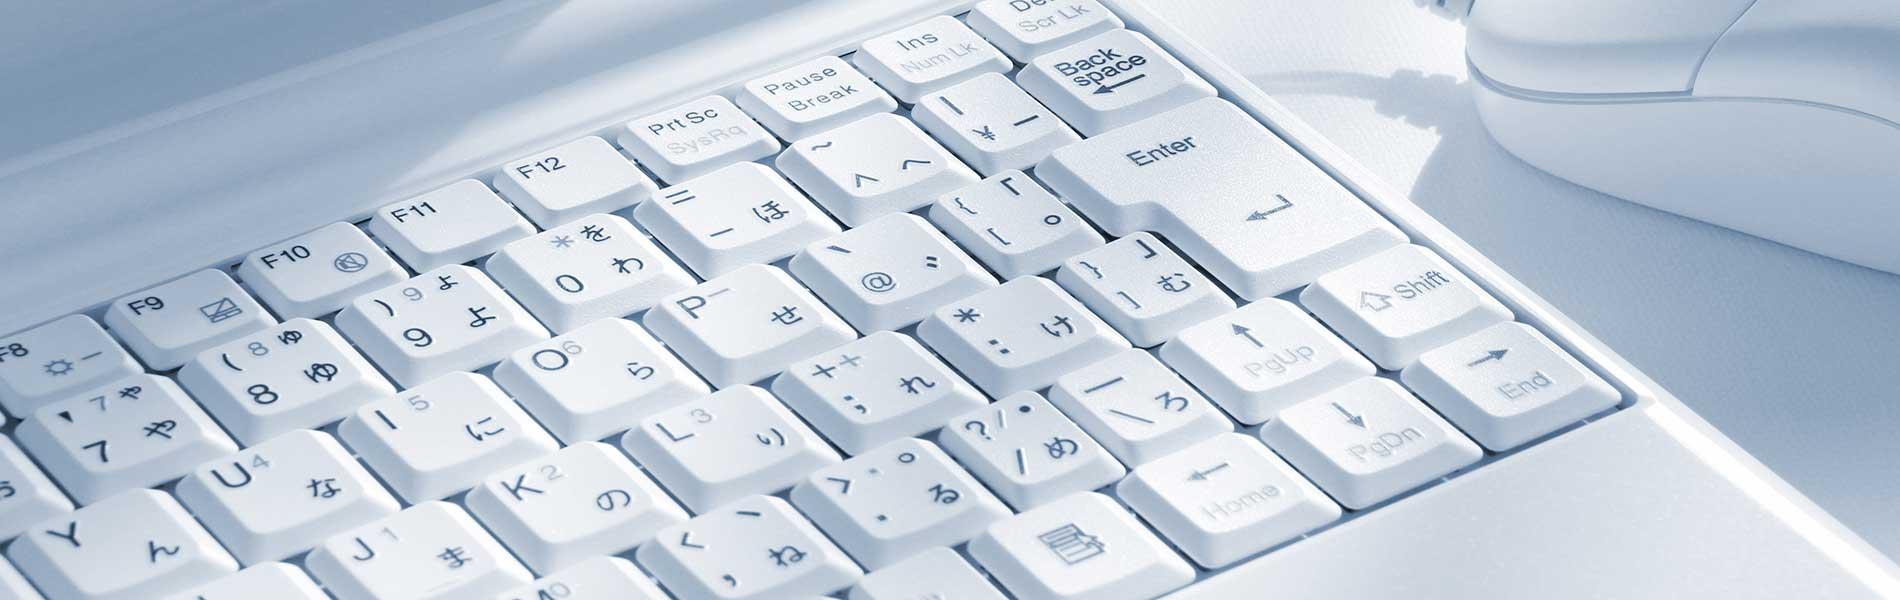 パソコンのイメージ画像